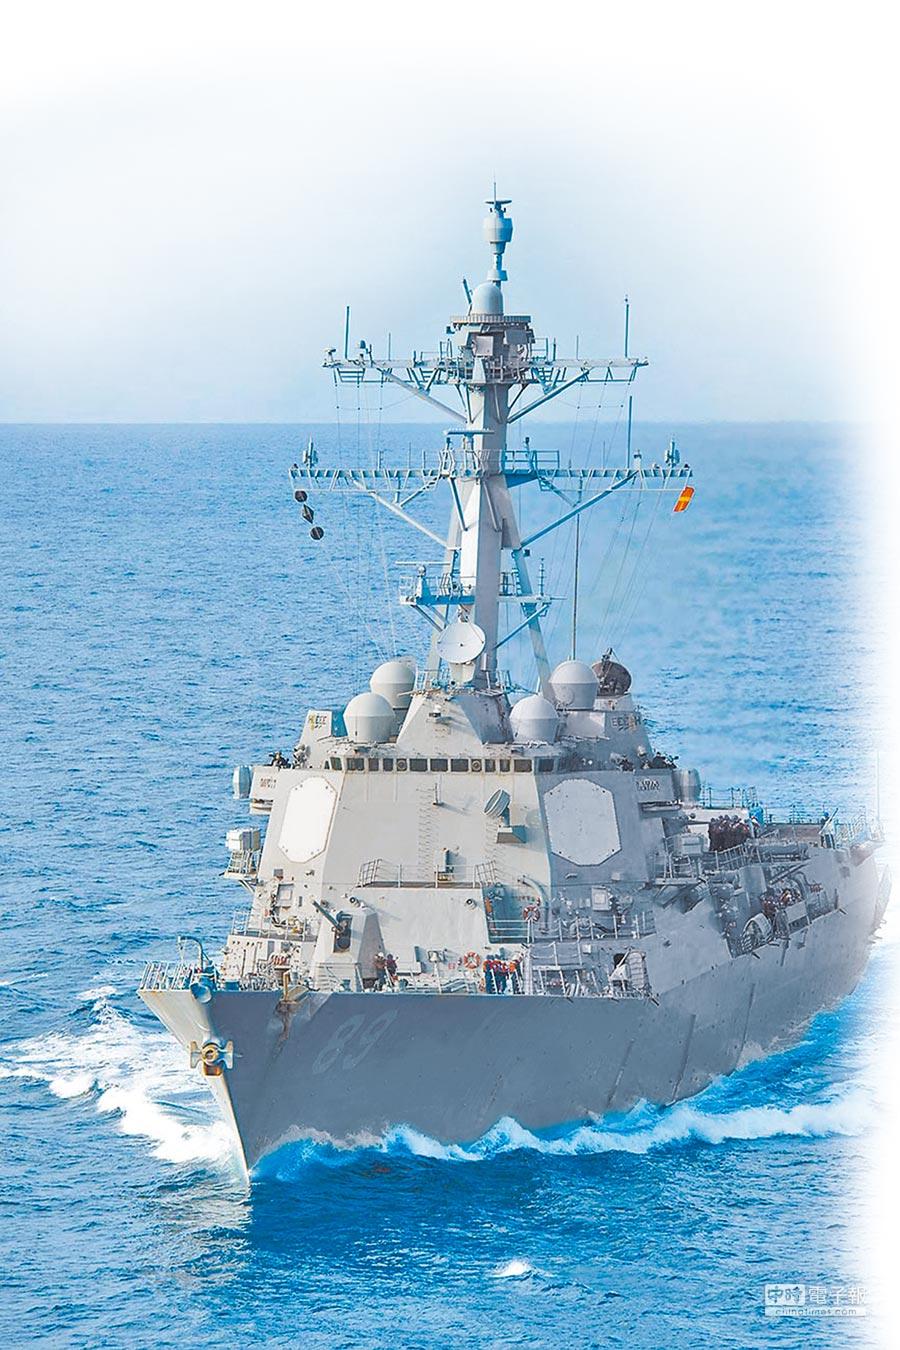 陸學者認美仍不會停止南海自由航行。圖為美國馬斯廷號驅逐艦(DDG-89)7月再度進入南海。(取自美國海軍官網)